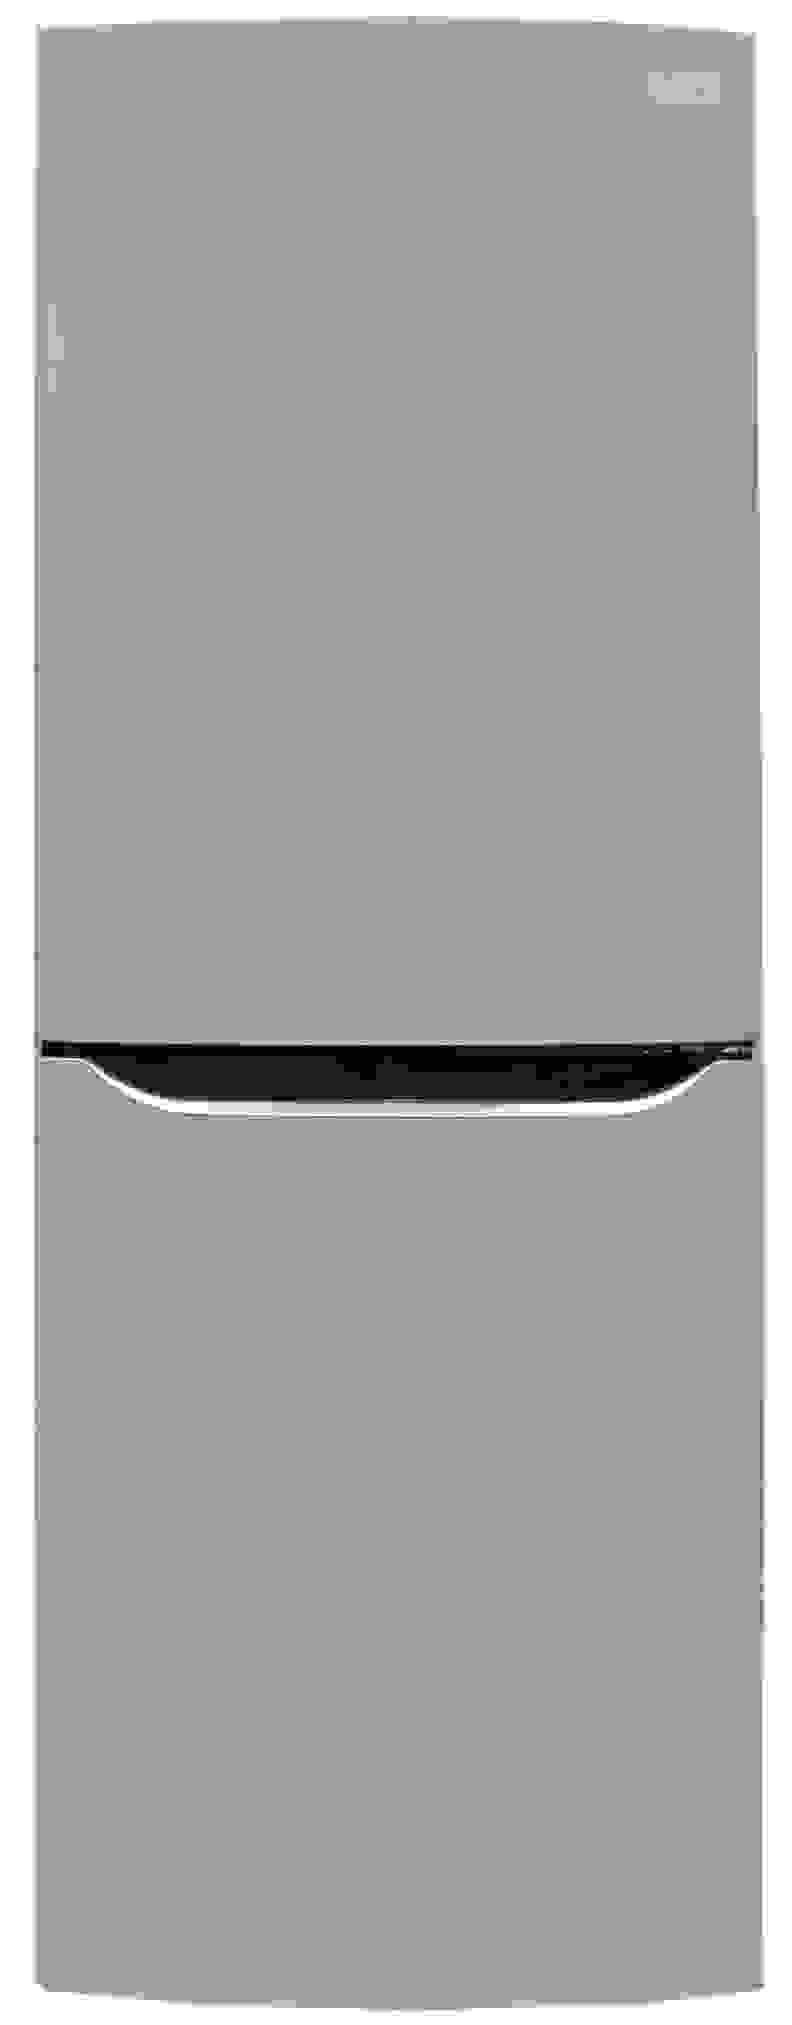 RFI-LG-LBN10551PV-vanity.jpg